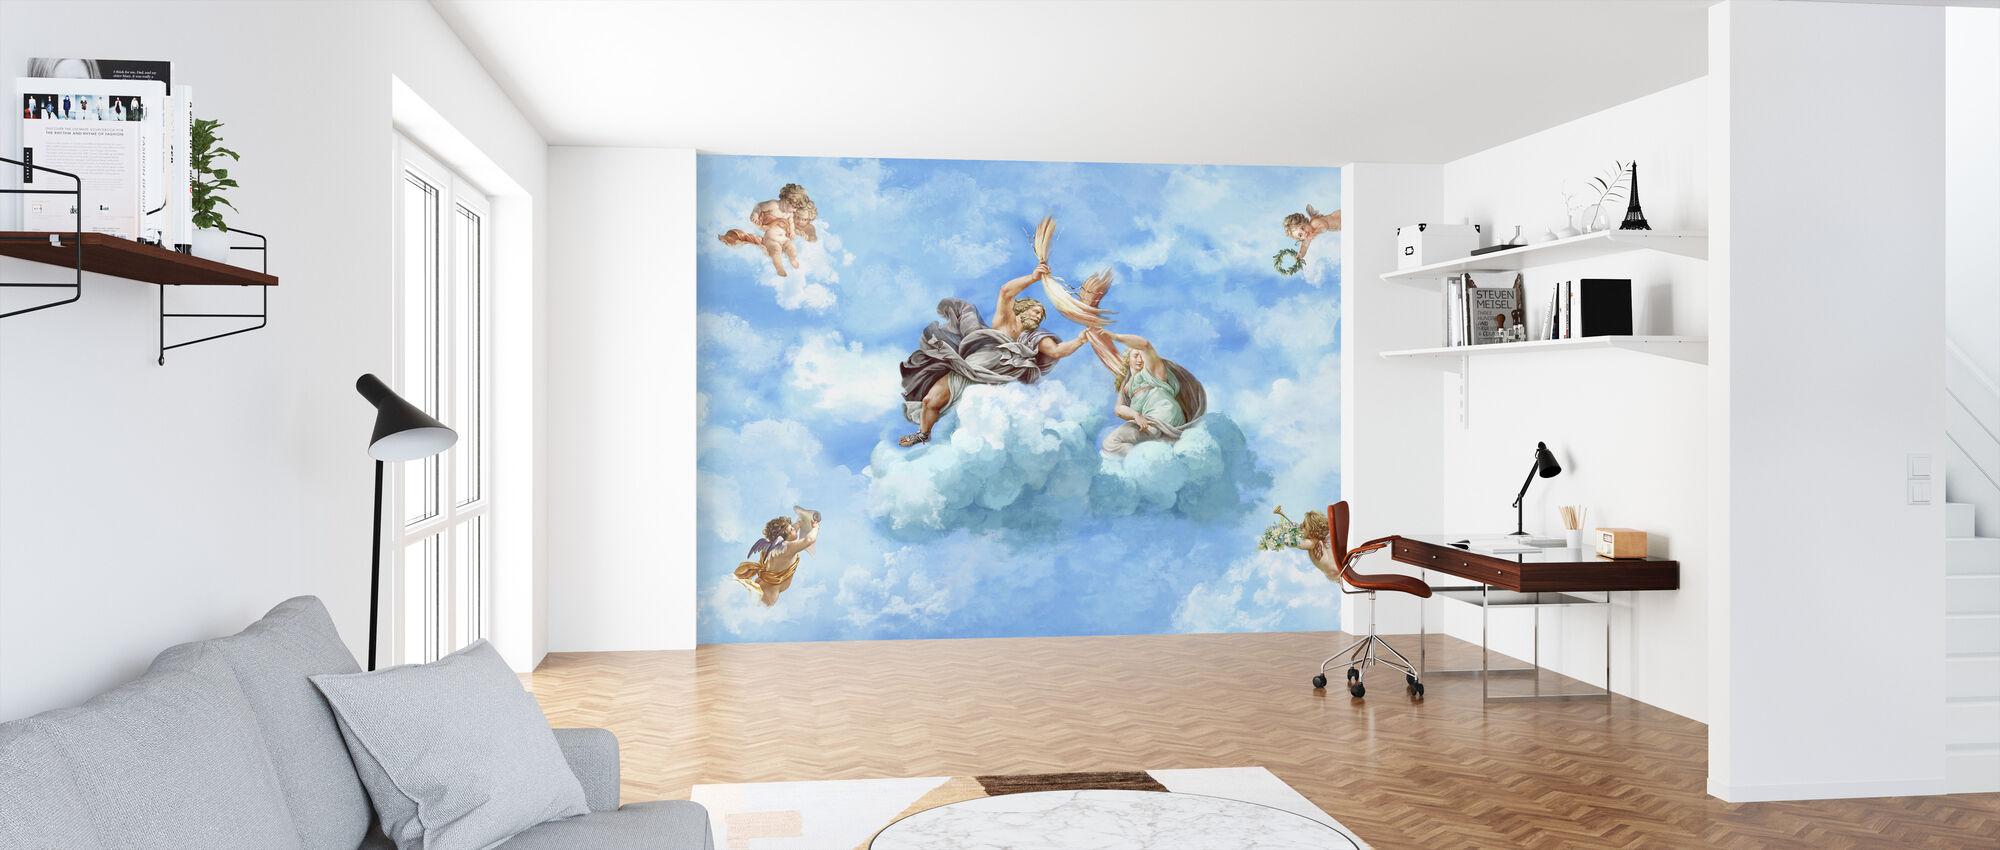 Heaven - Wallpaper - Office